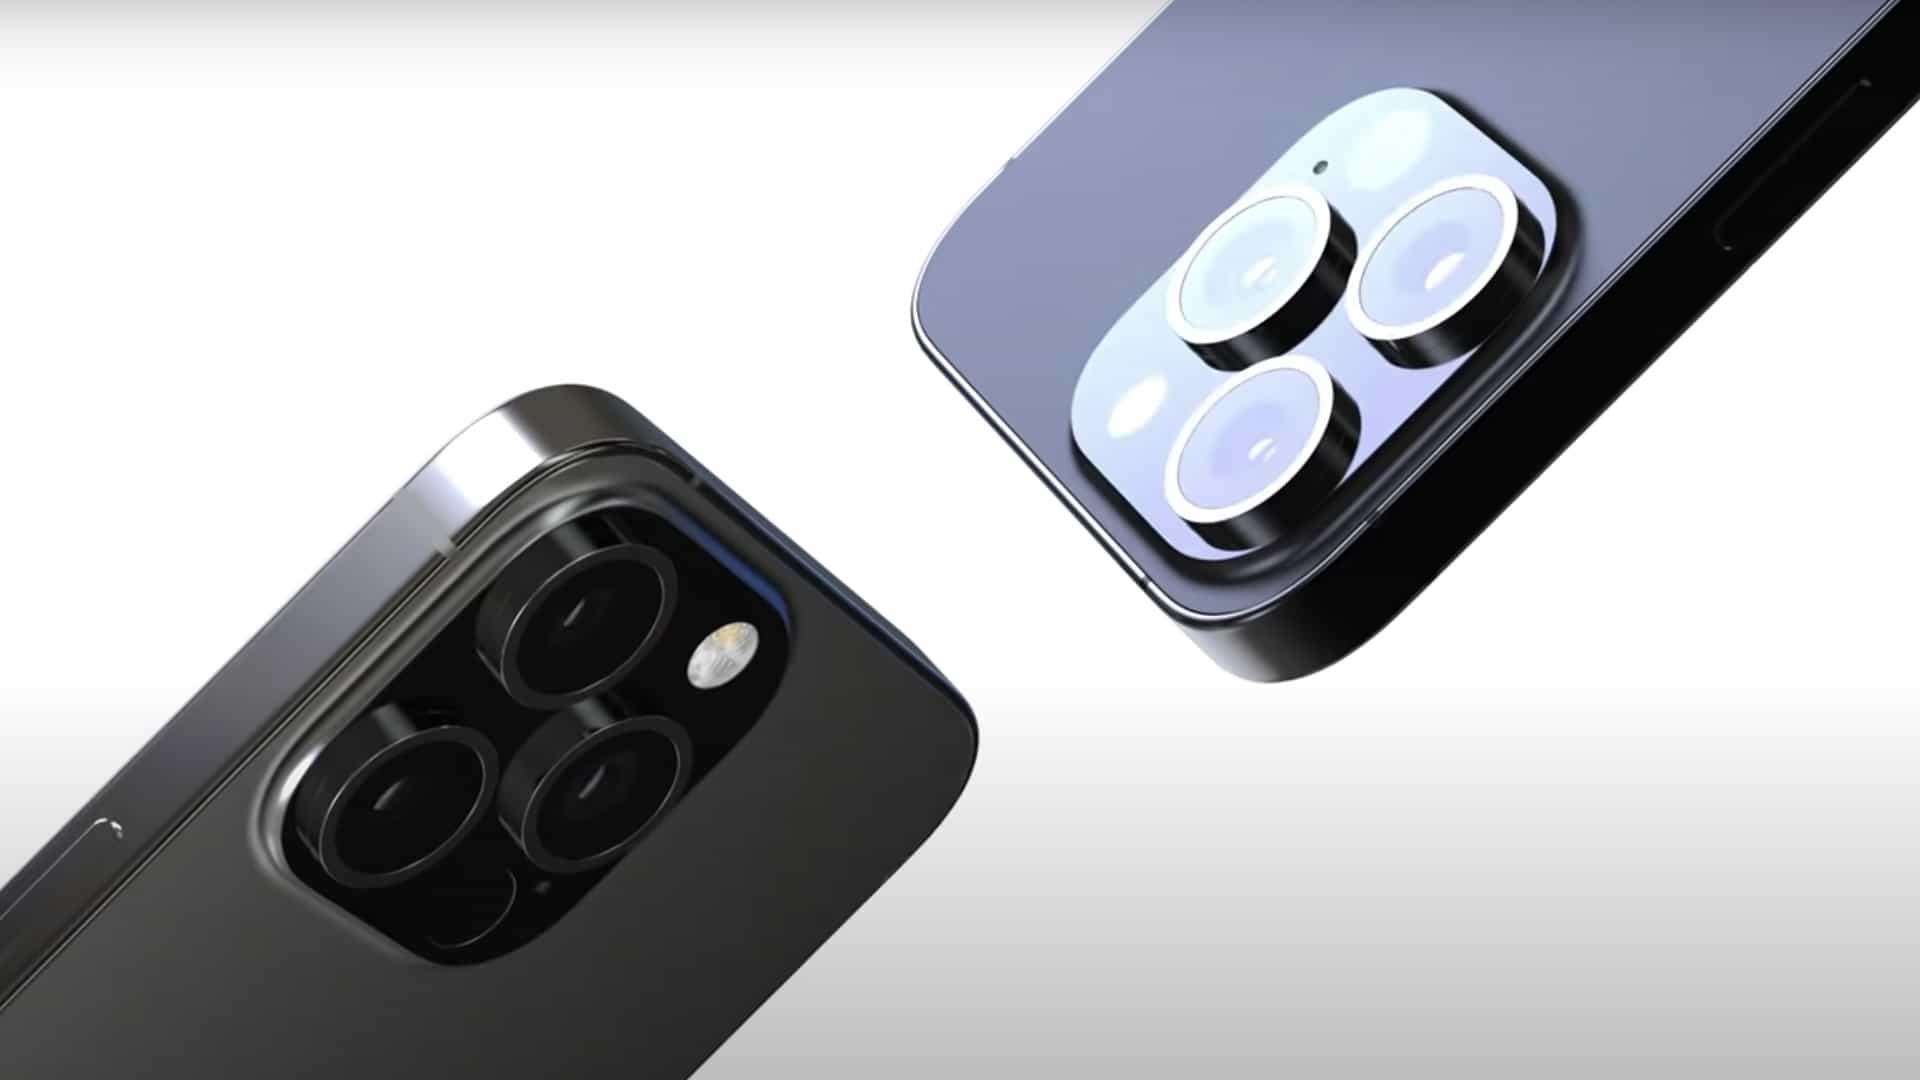 El iPhone 13 de Apple podría presentar una tecnología de video revolucionaria